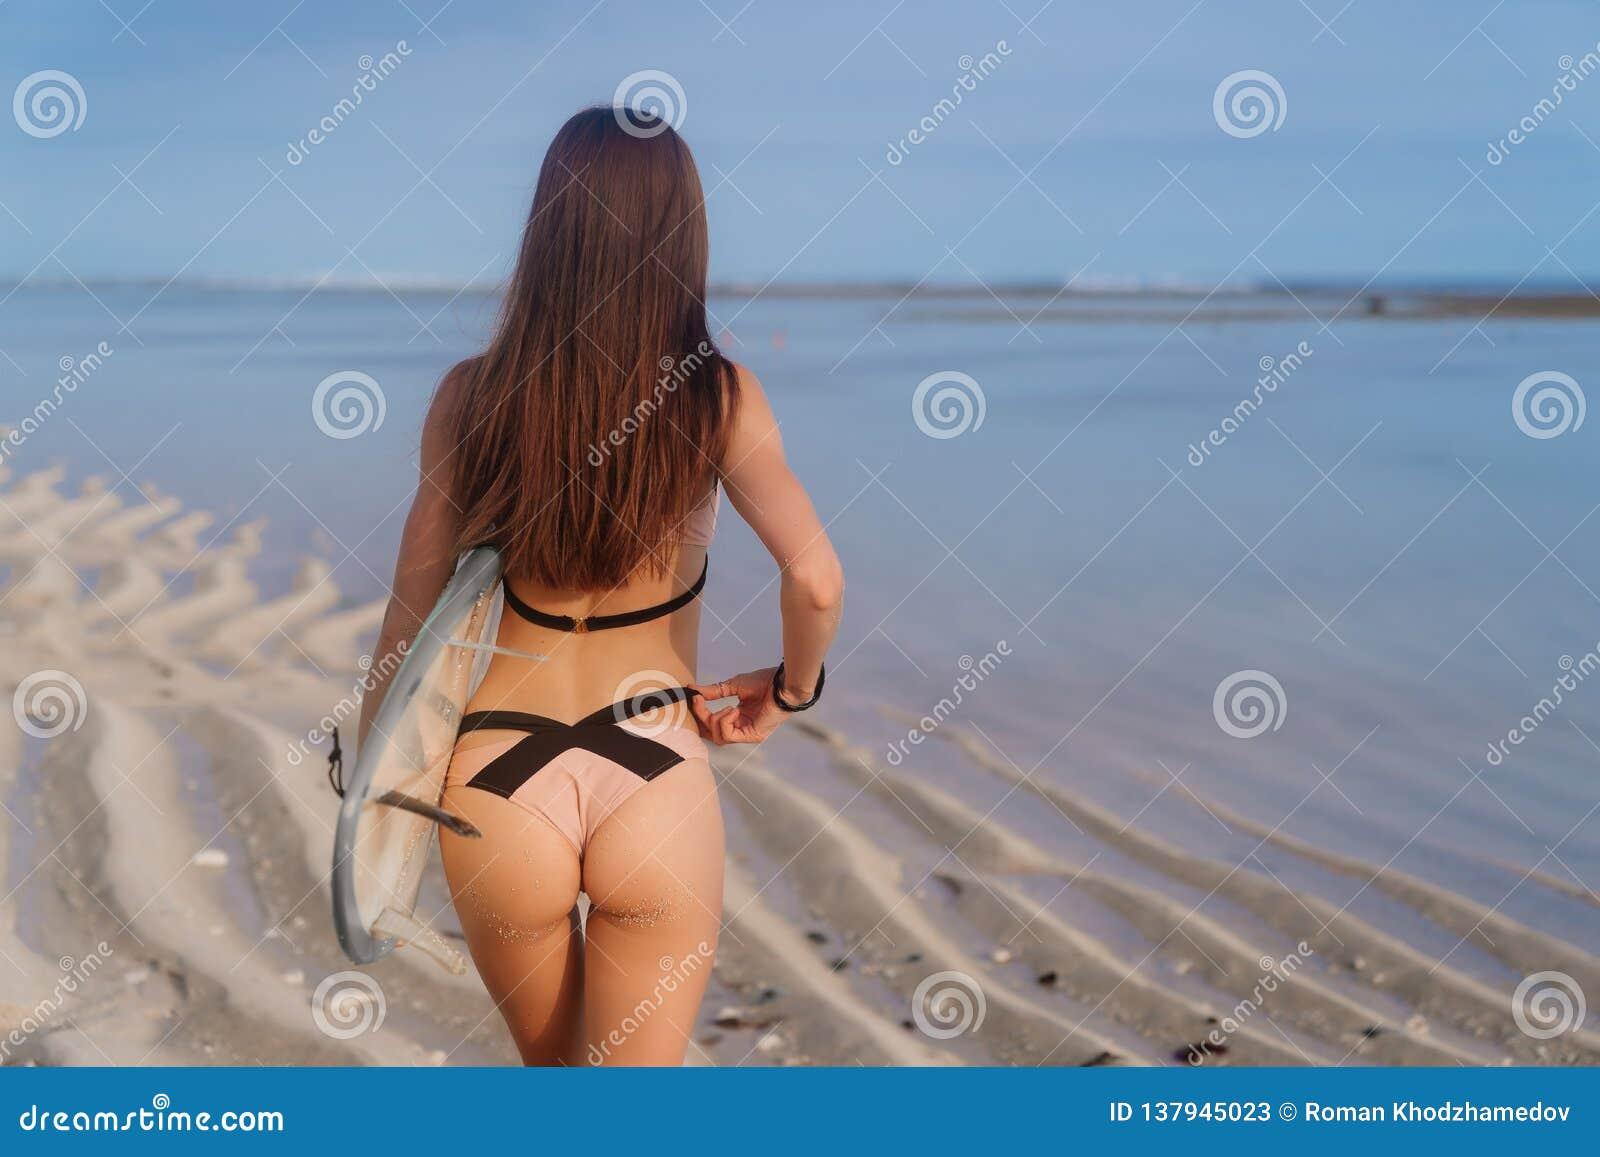 Baksikt av flickan med sexiga bakdelar i baddräkt och surfingbräda i hennes hand på stranden